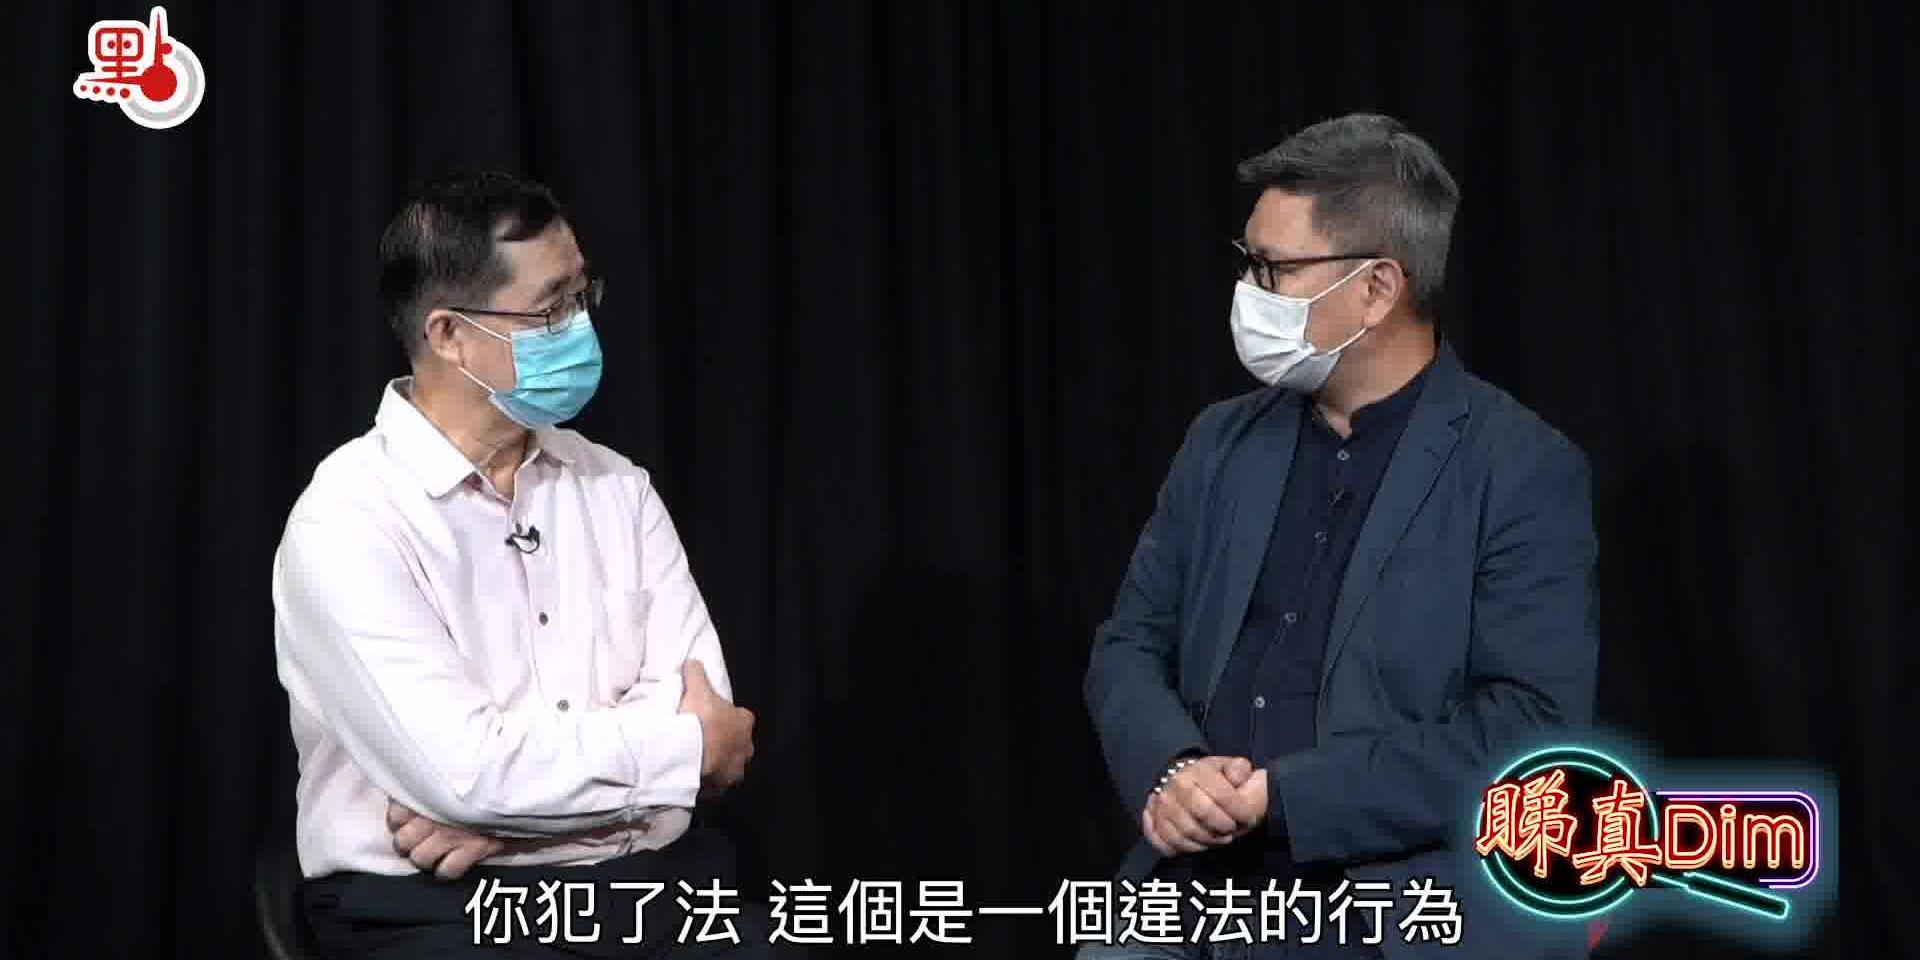 睇真Dim 之 港大「毒瘤」戴耀廷被革職